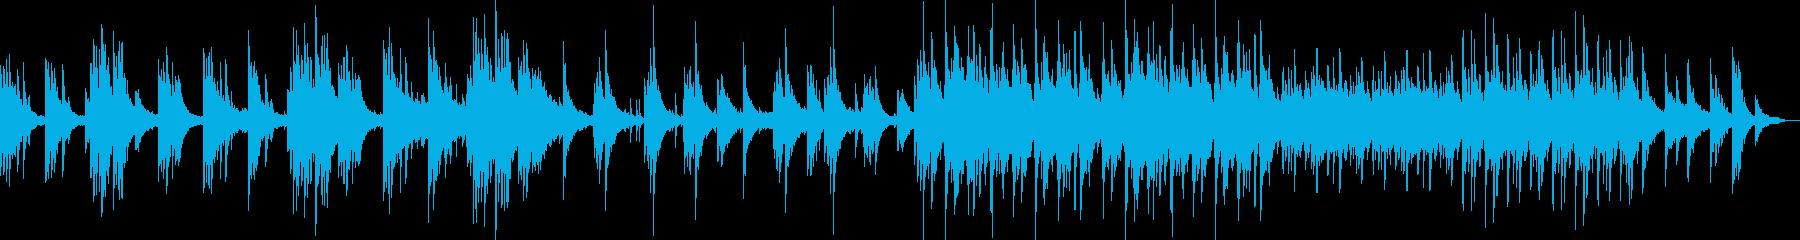 癒し系ピアノ森、早朝オーケストラ民族の再生済みの波形